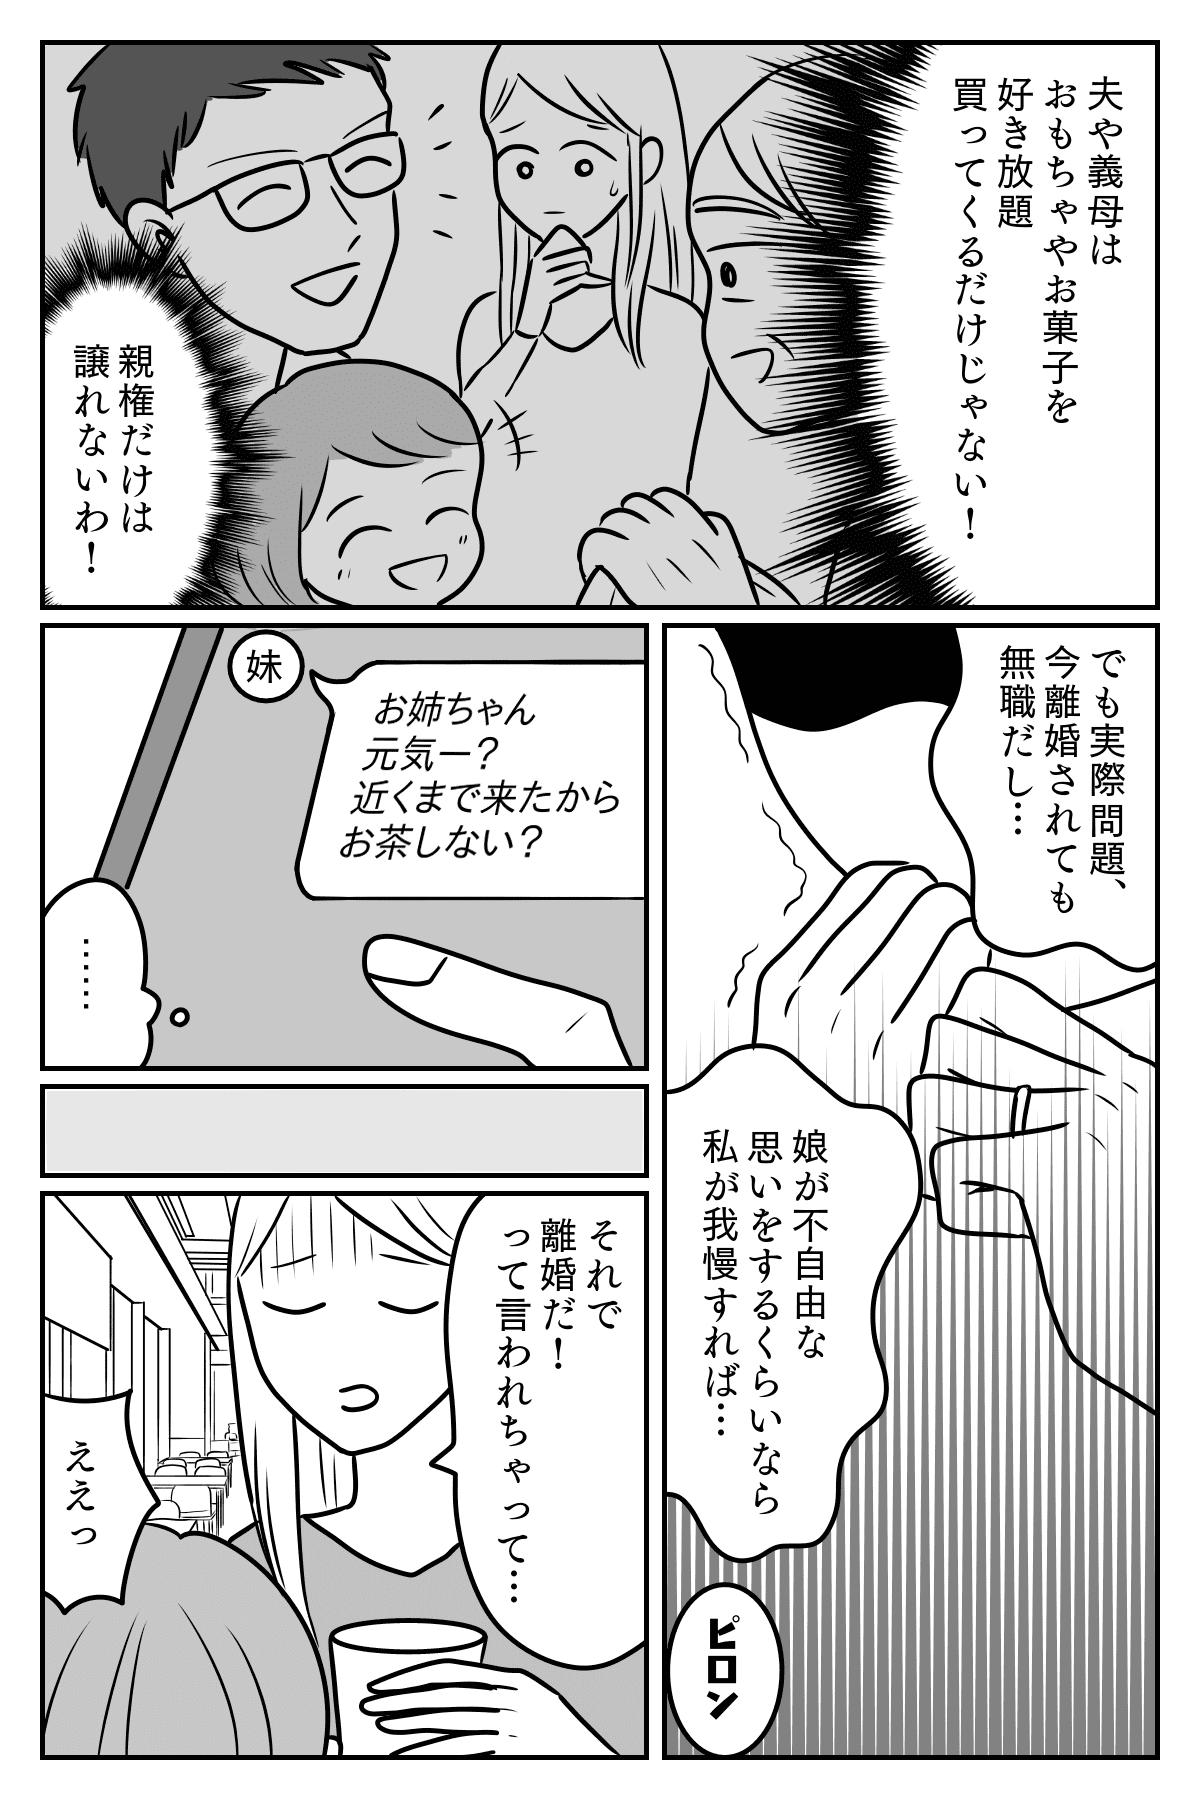 耳鼻科2-2